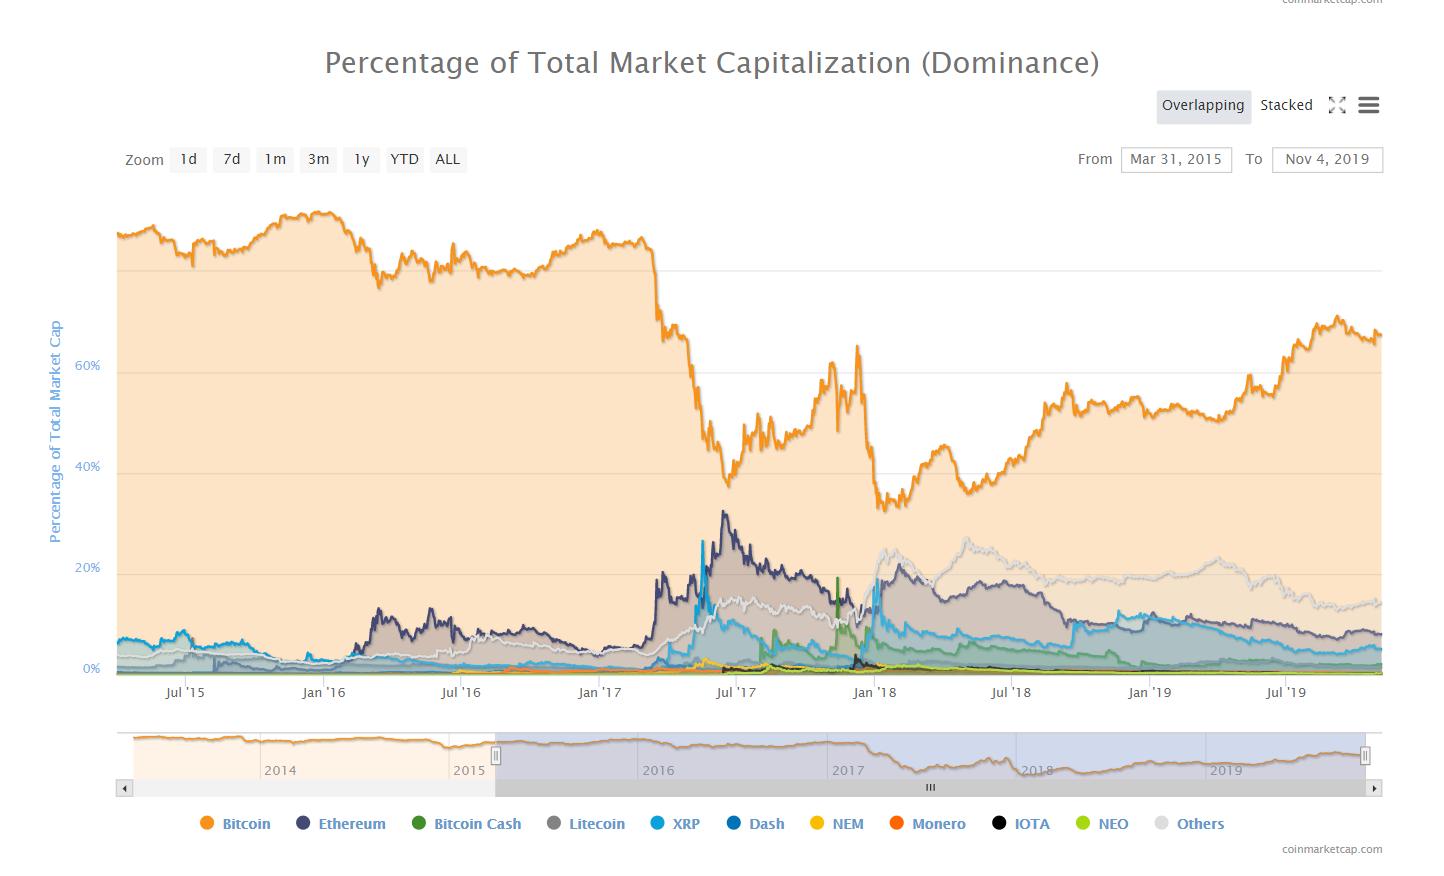 ビットコイン(BTC)のドミナンスとは?その概要と確認方法について